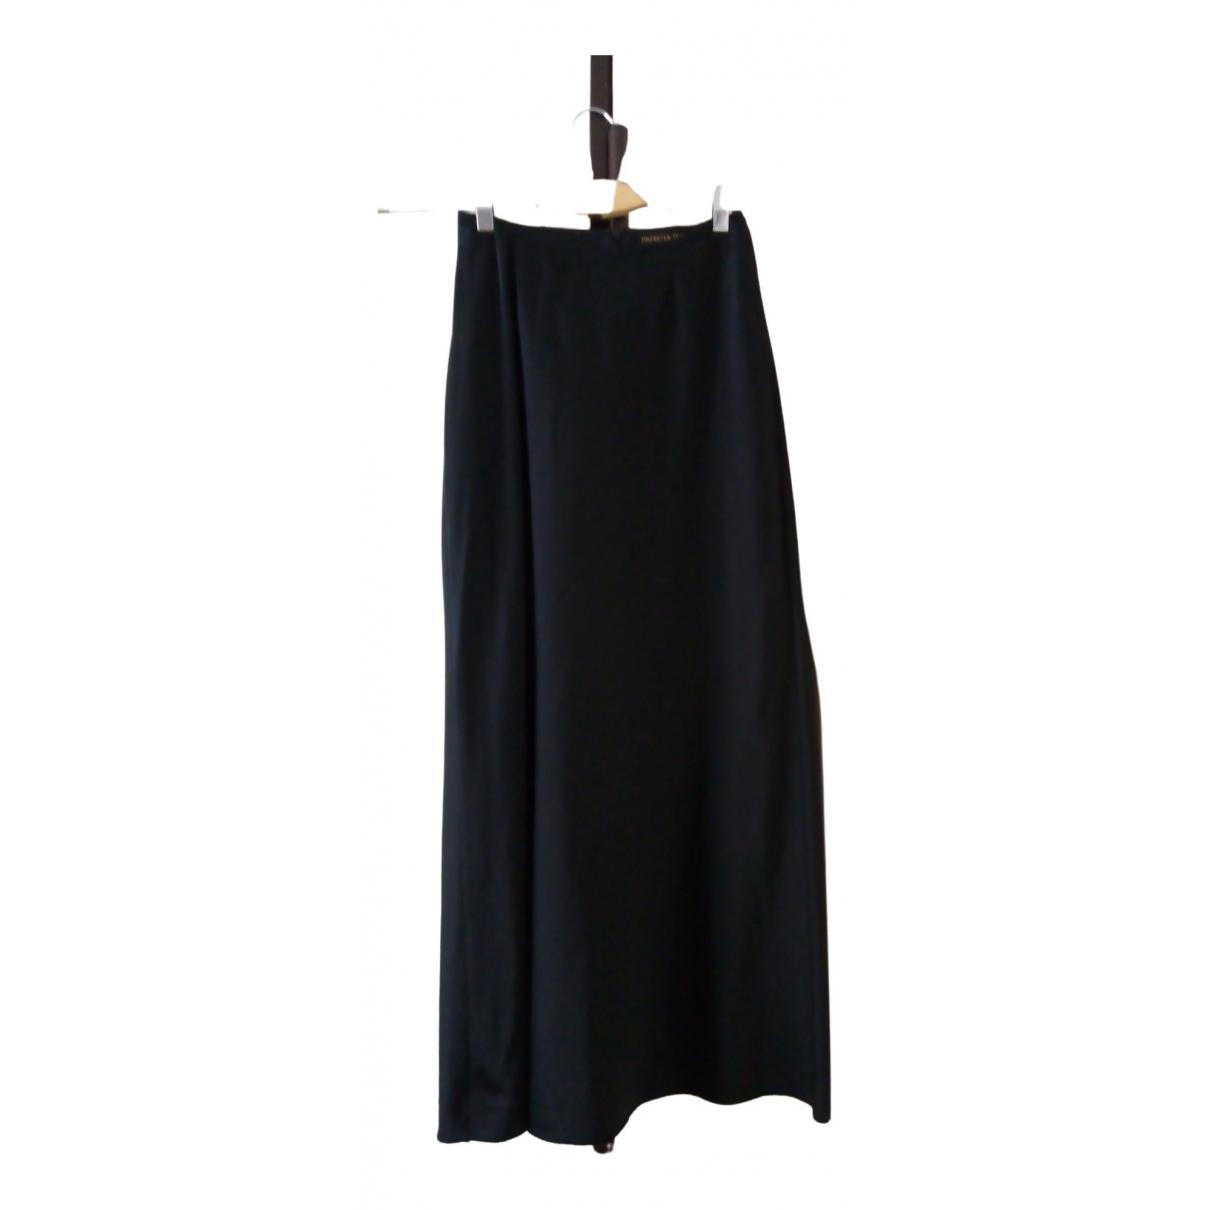 Patrizia Pepe \N Black skirt for Women 40 IT